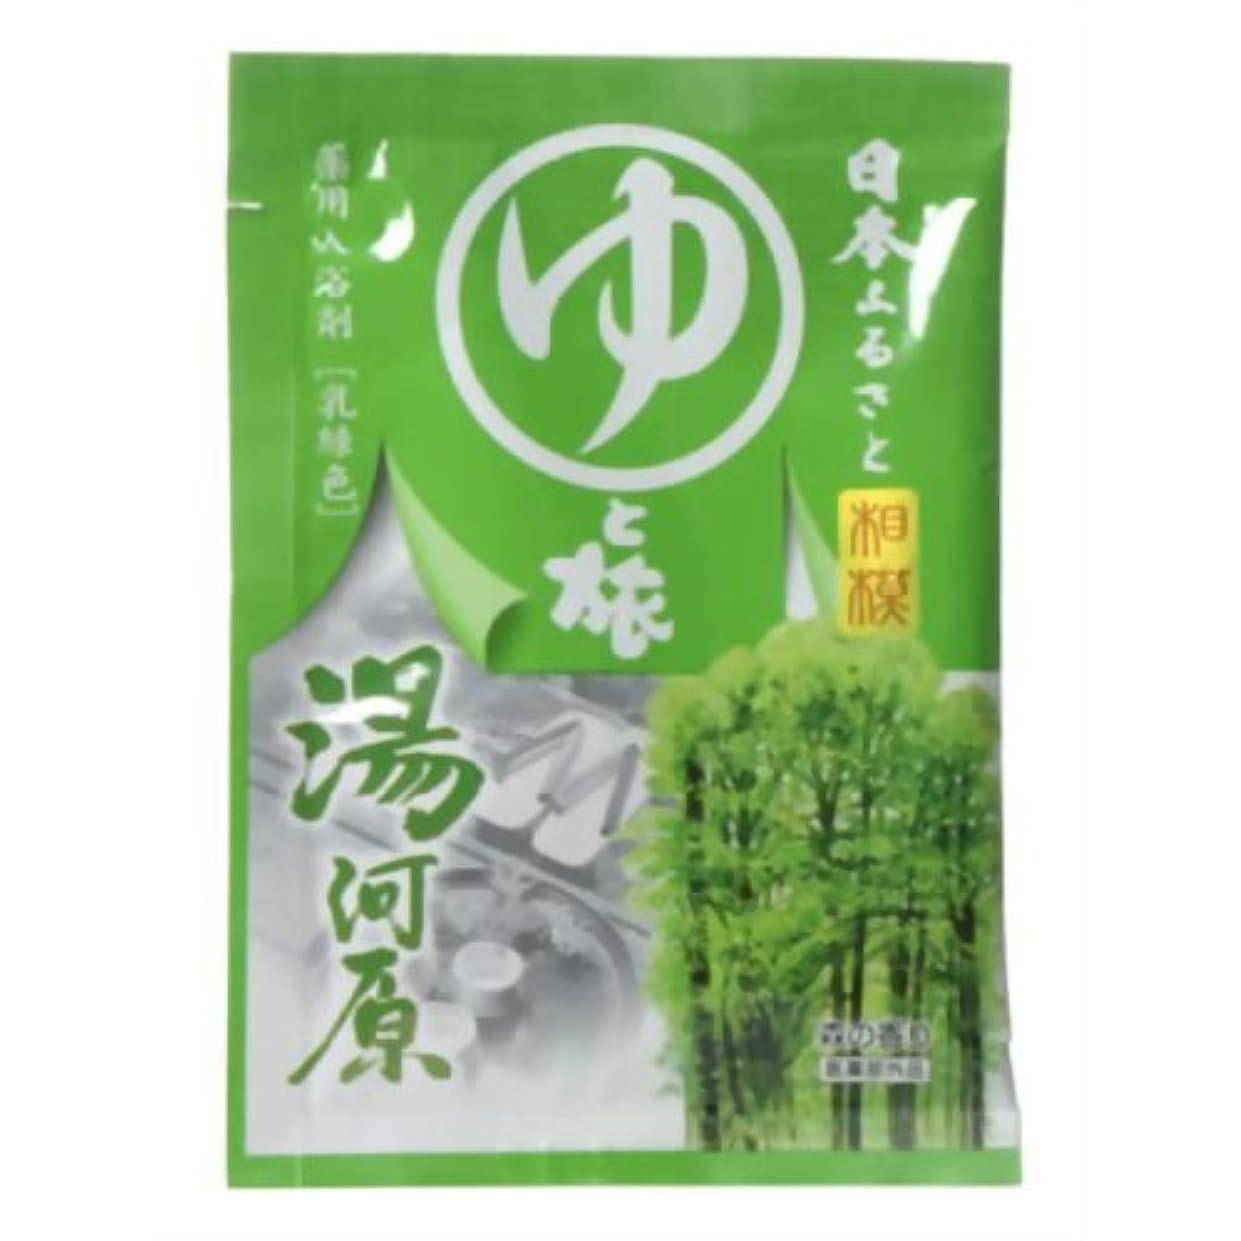 人物温帯幾分ヤマサキの入浴剤シリーズ 湯河原(入浴剤)